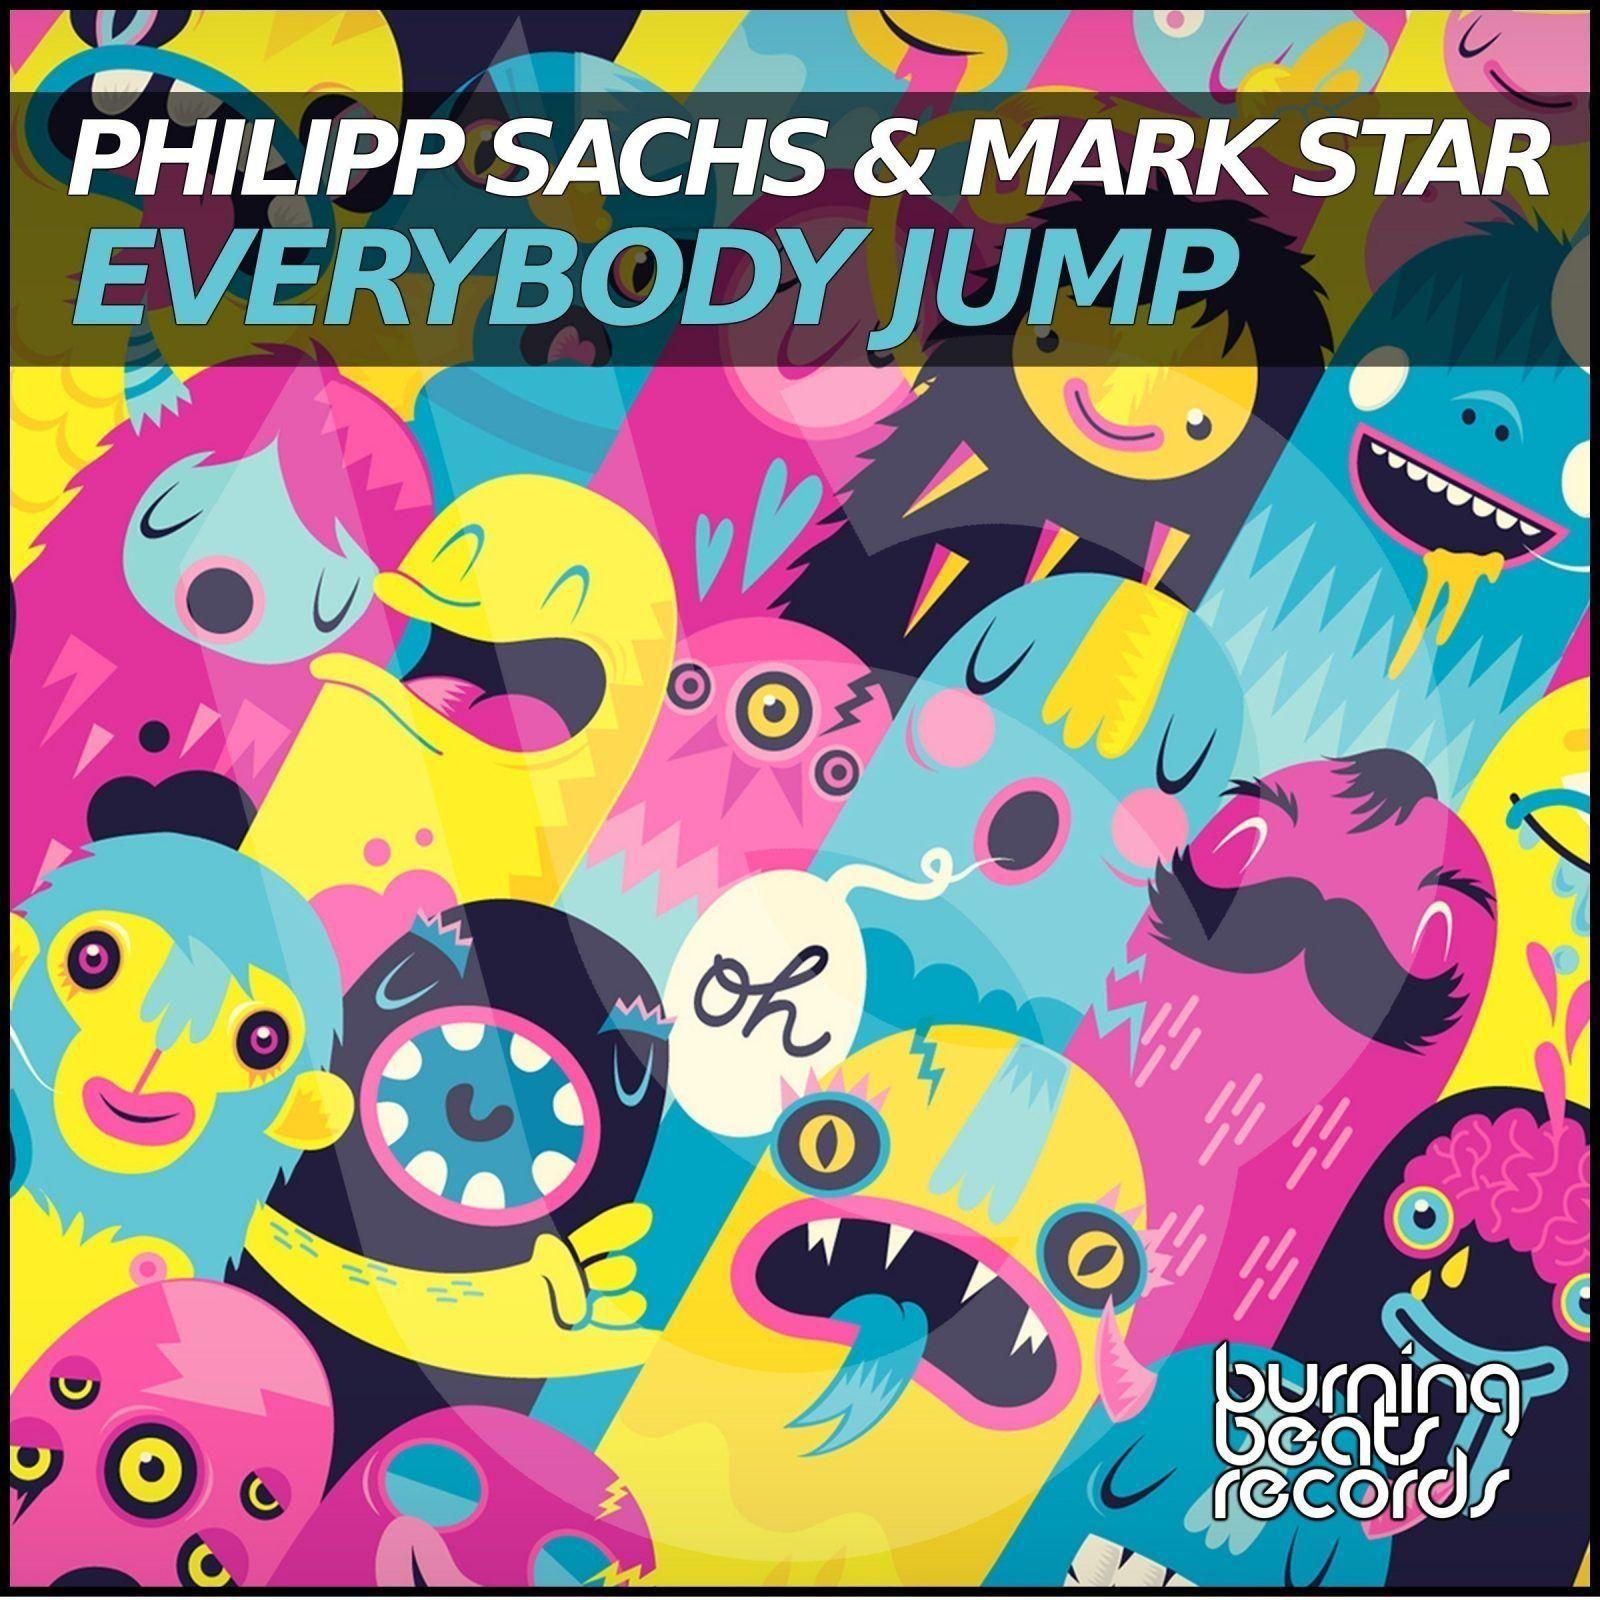 philipp-sachs-mark-star-everybody-jump-cover-2.jpeg